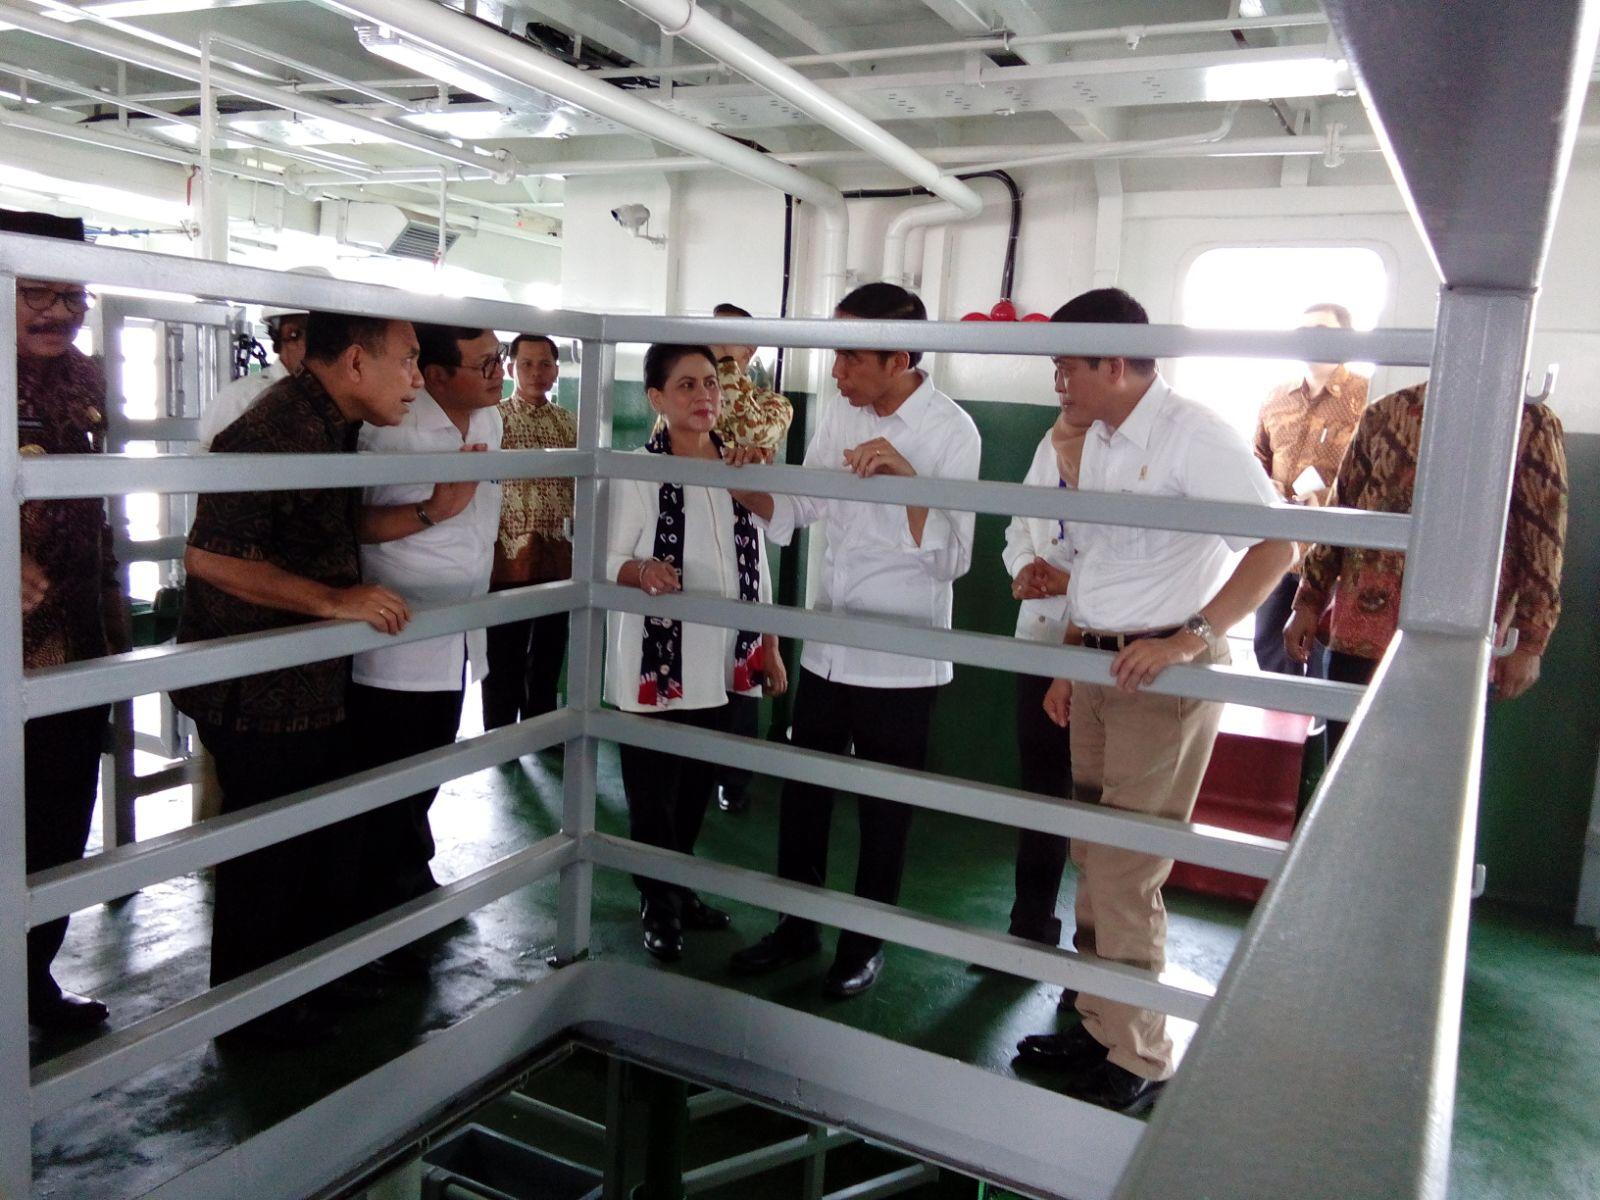 Presiden Joko Widodo bersama Menteri Perhubungan Ignasius Jonan meresmikan kapal pengankut ternak (dok. setkab.go.id)